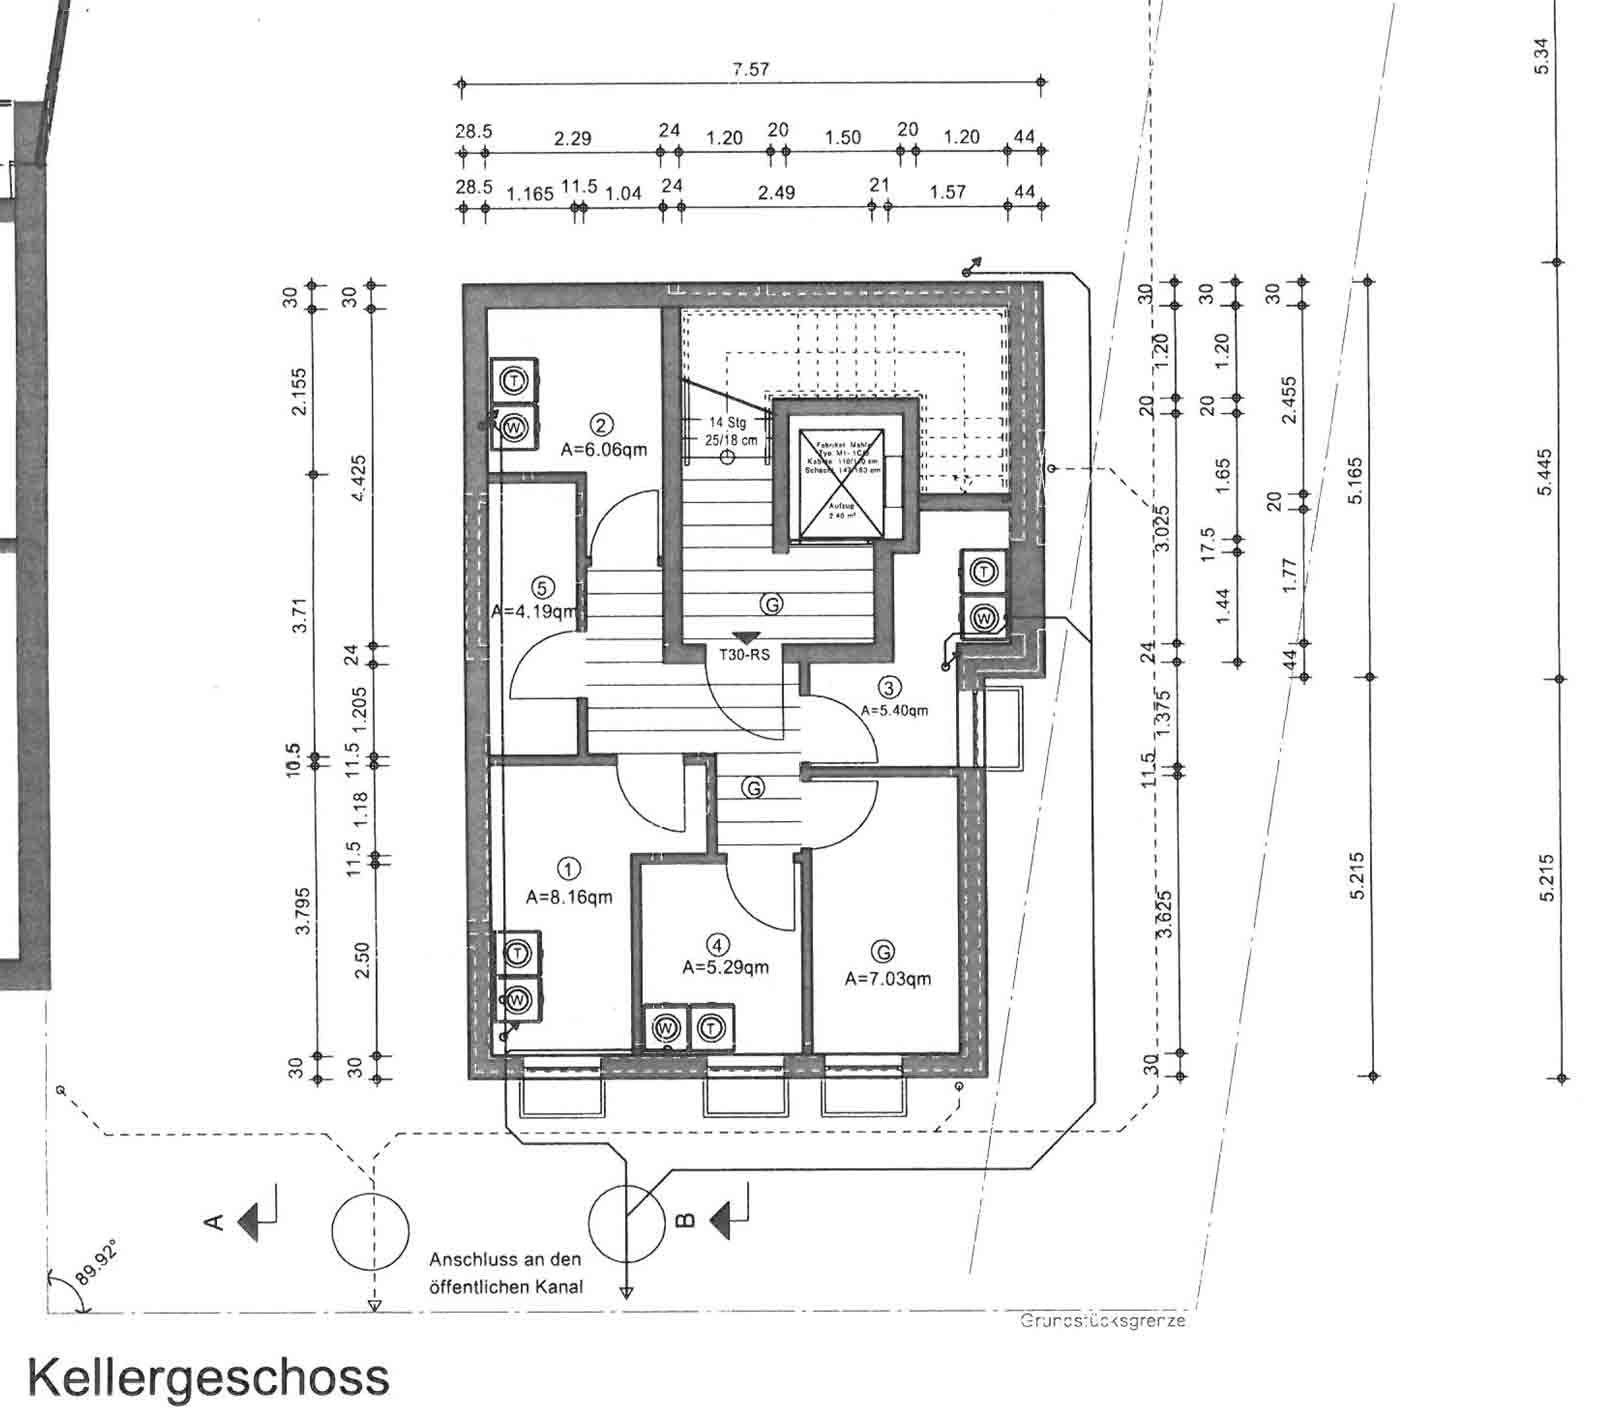 treppenhaus mit aufzug grundriss wohn design. Black Bedroom Furniture Sets. Home Design Ideas